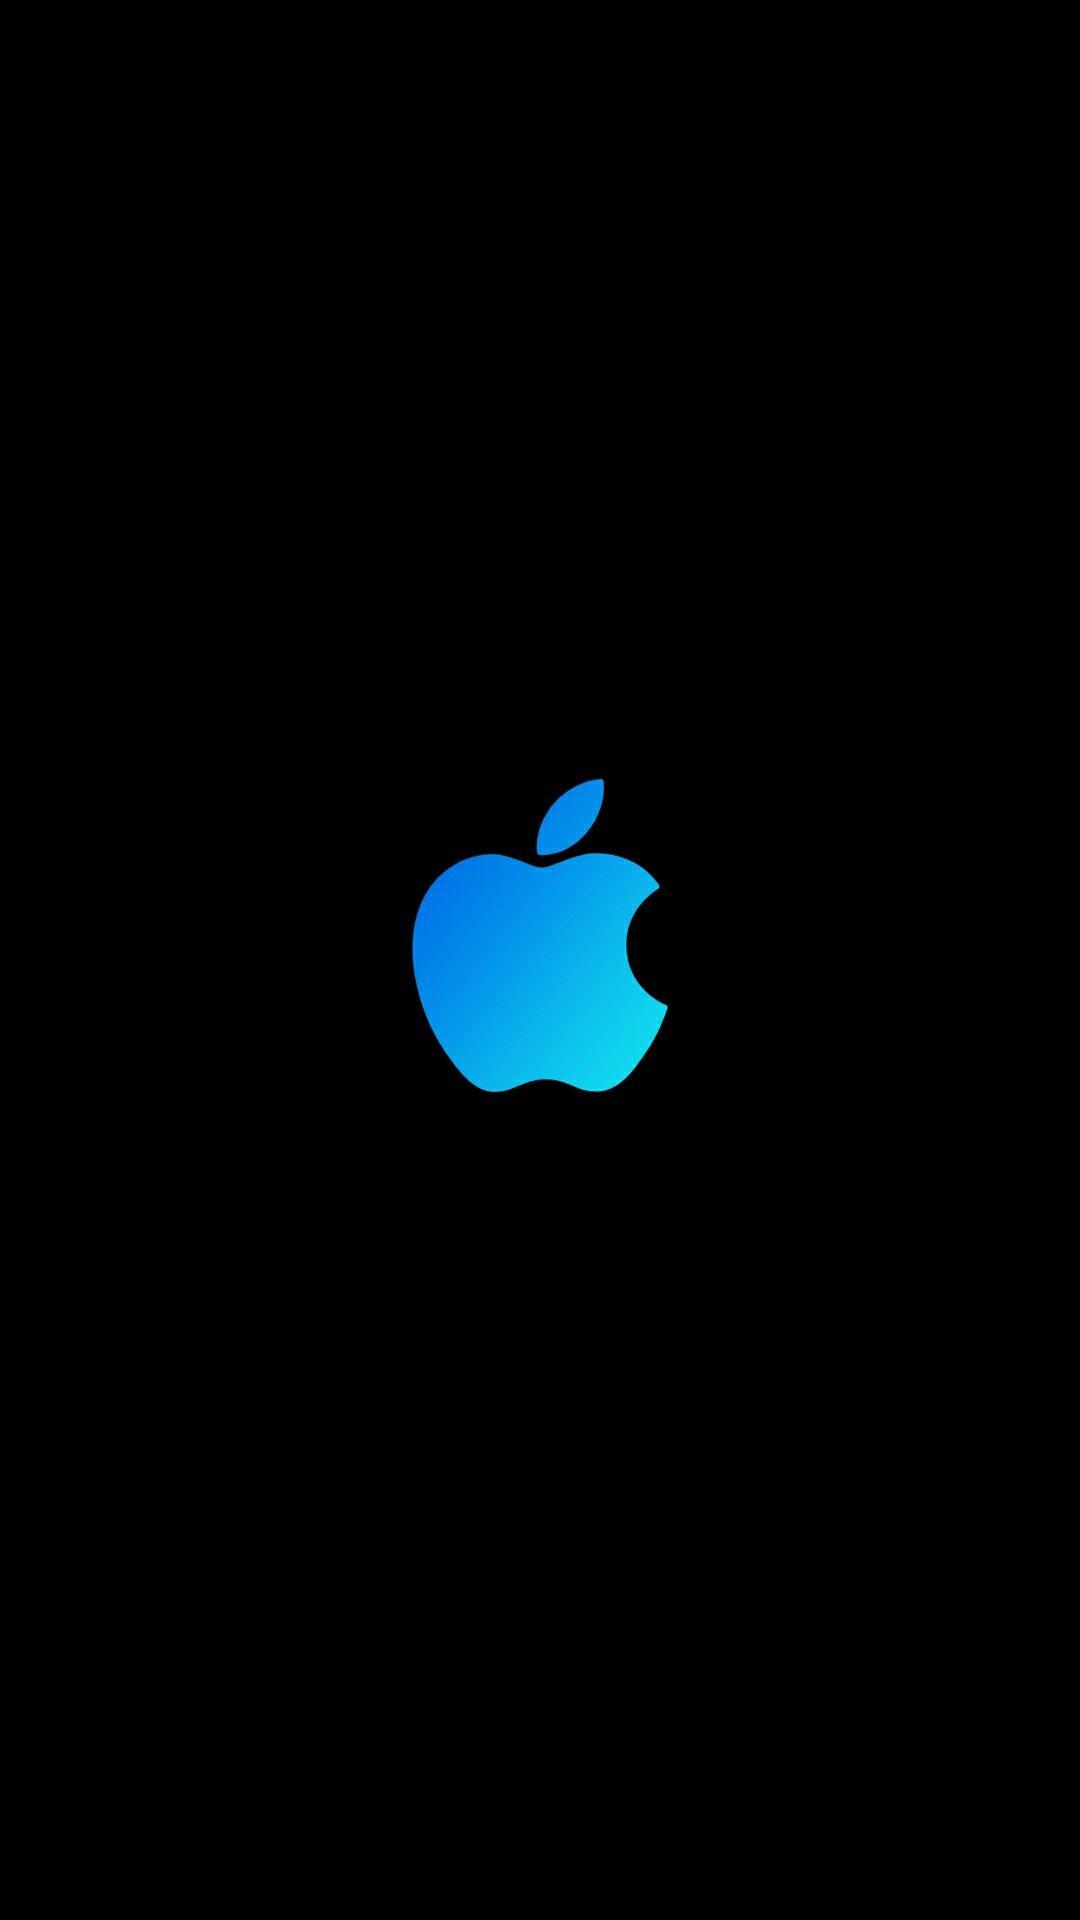 アップルロゴ おしゃれまとめの人気アイデア Pinterest Smch056 画像あり アップルの壁紙 アップルロゴ Iphone壁紙